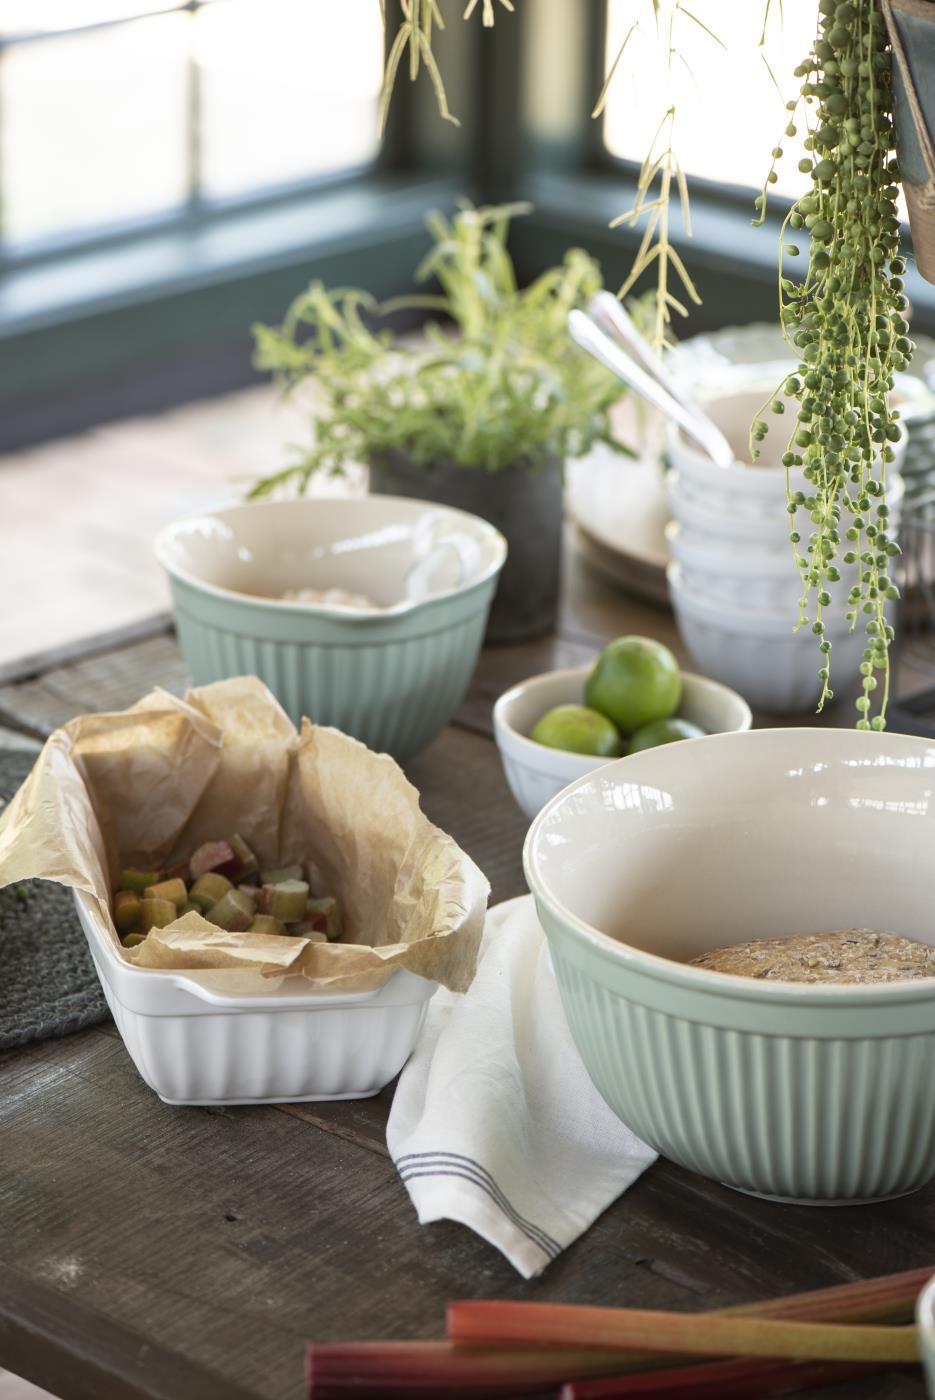 Kochen und Backen mit IB Laursen, Bild 1